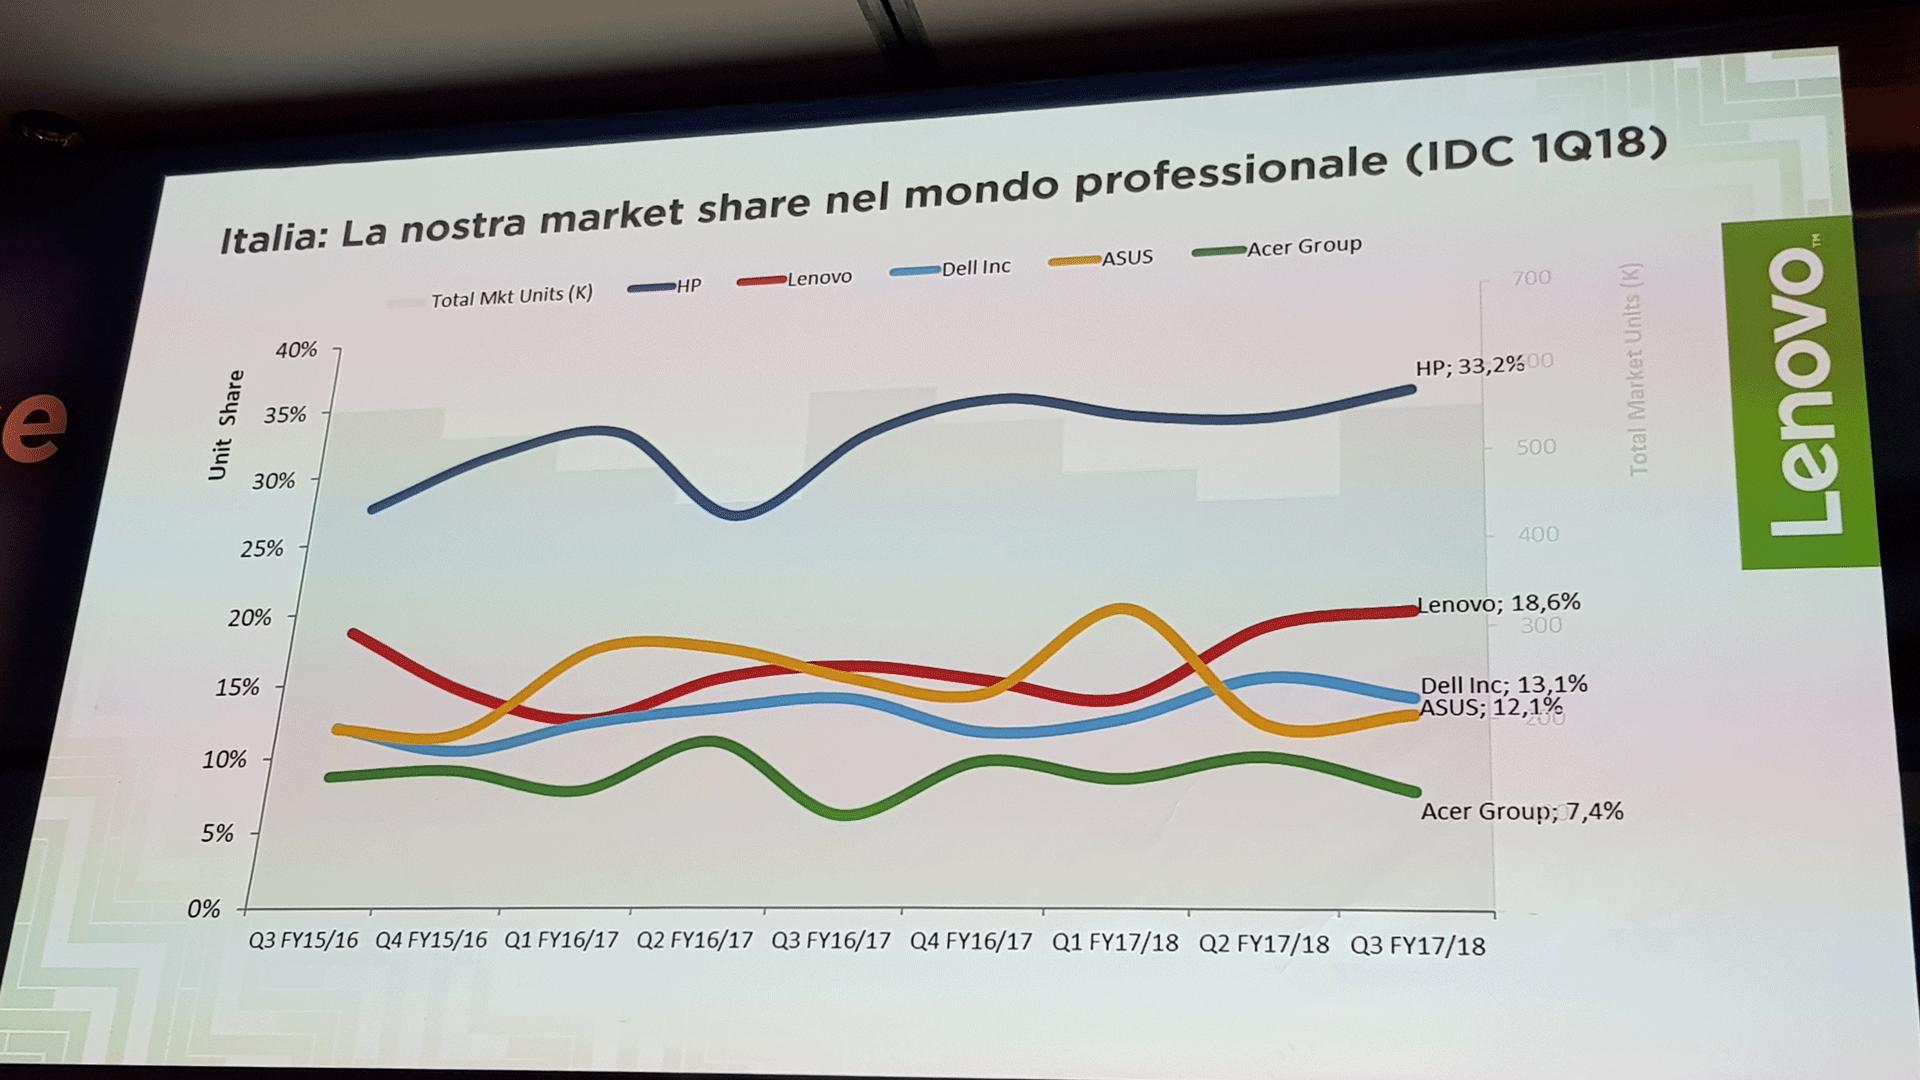 Kick-off Lenovo 2018 - Italia: La market share di Lenovo nel mondo professionale (IDC 1Q18)